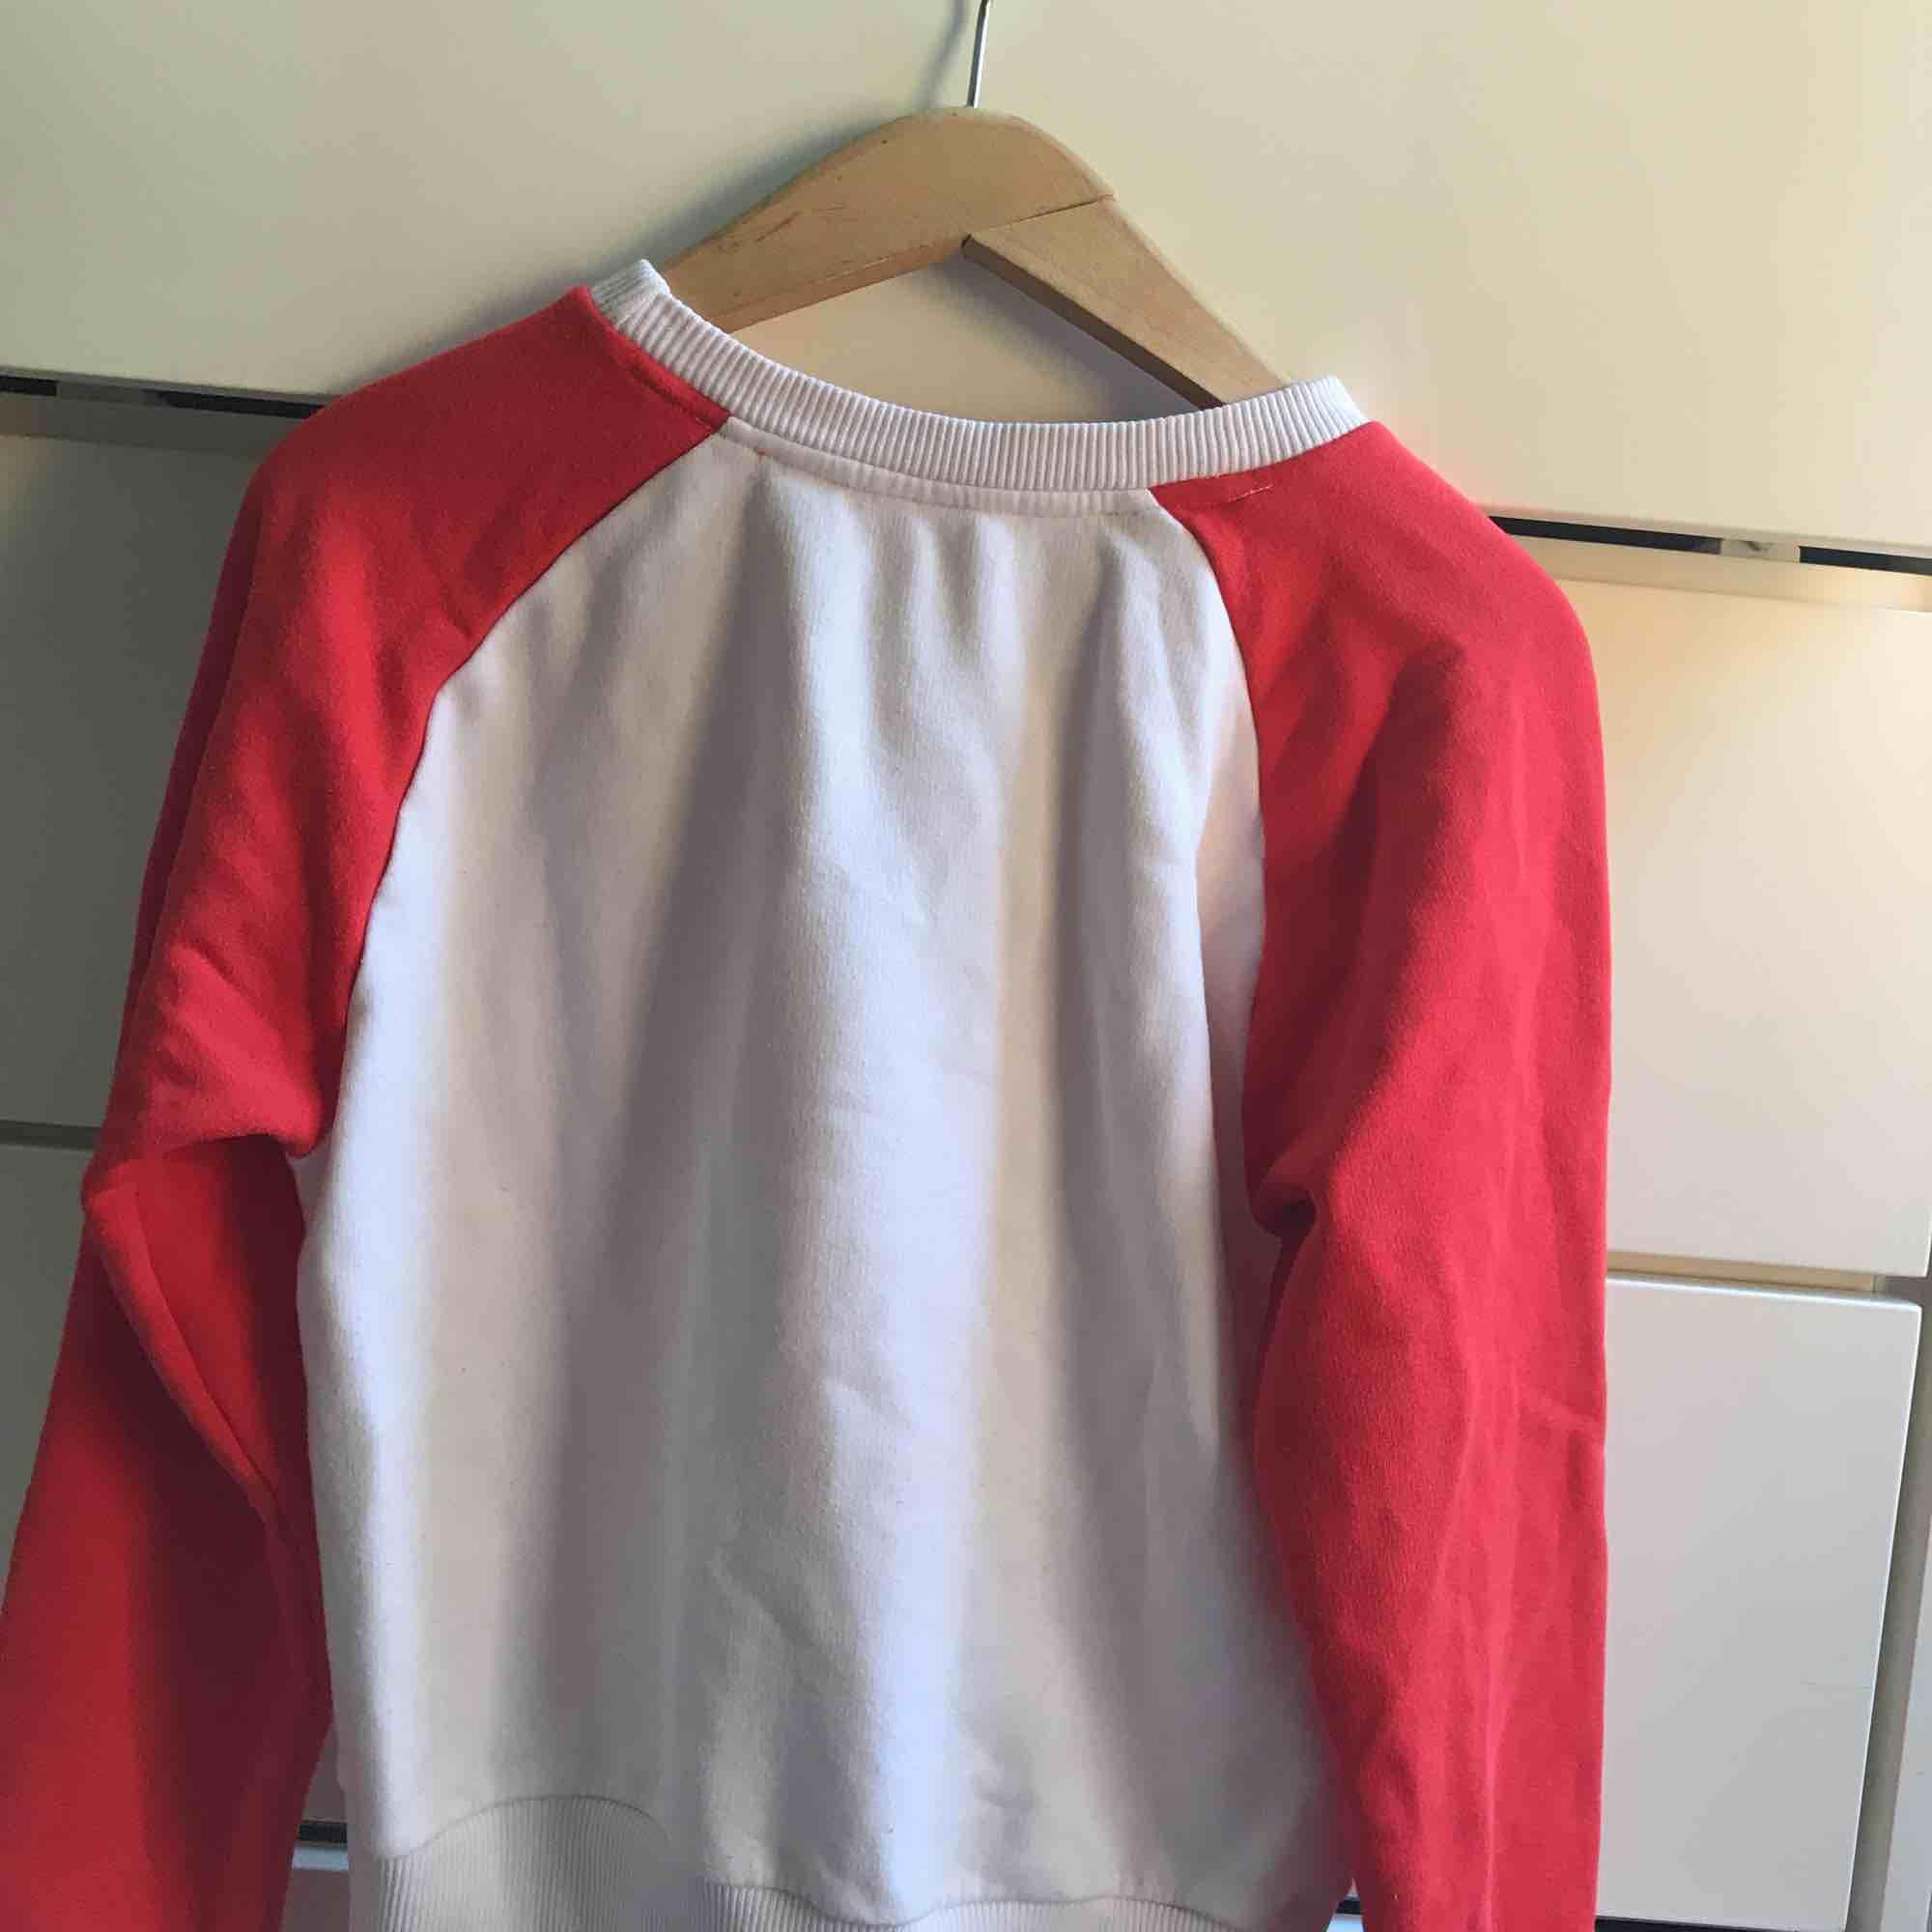 En röd och vit pumatröja, denna tröja är riktigt ball och funkar till det mesta riktigt snyggt med ett par vita jeans, användes ej längre, storleken dock är mindre än M passar nog S/XS bättre . Tröjor & Koftor.